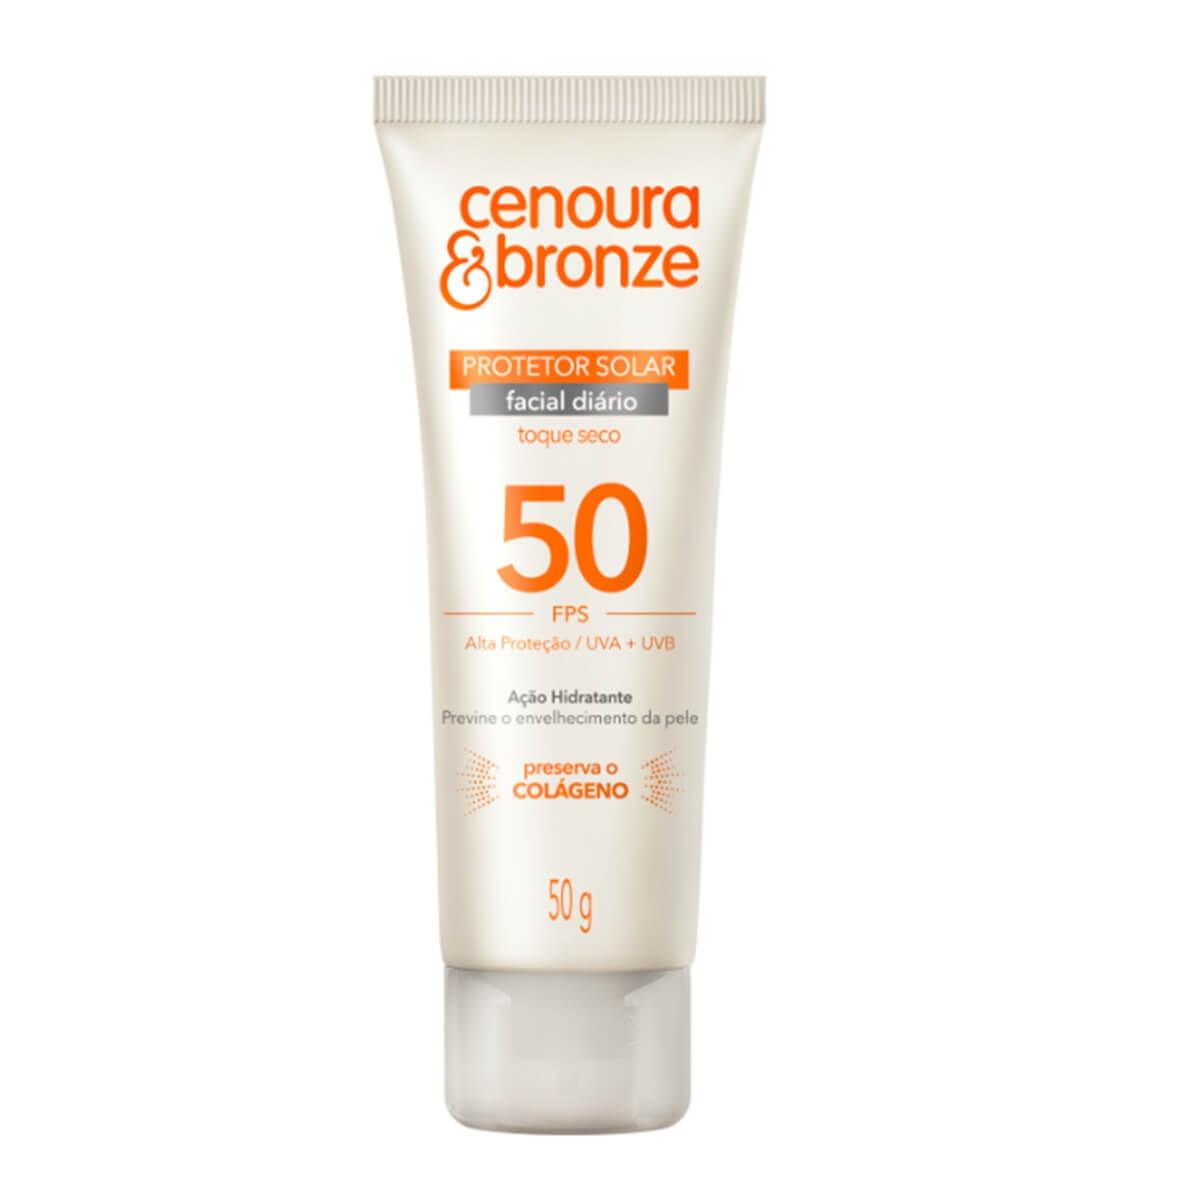 Protetor Solar Facial Cenoura e Bronze FPS50 50g 50g